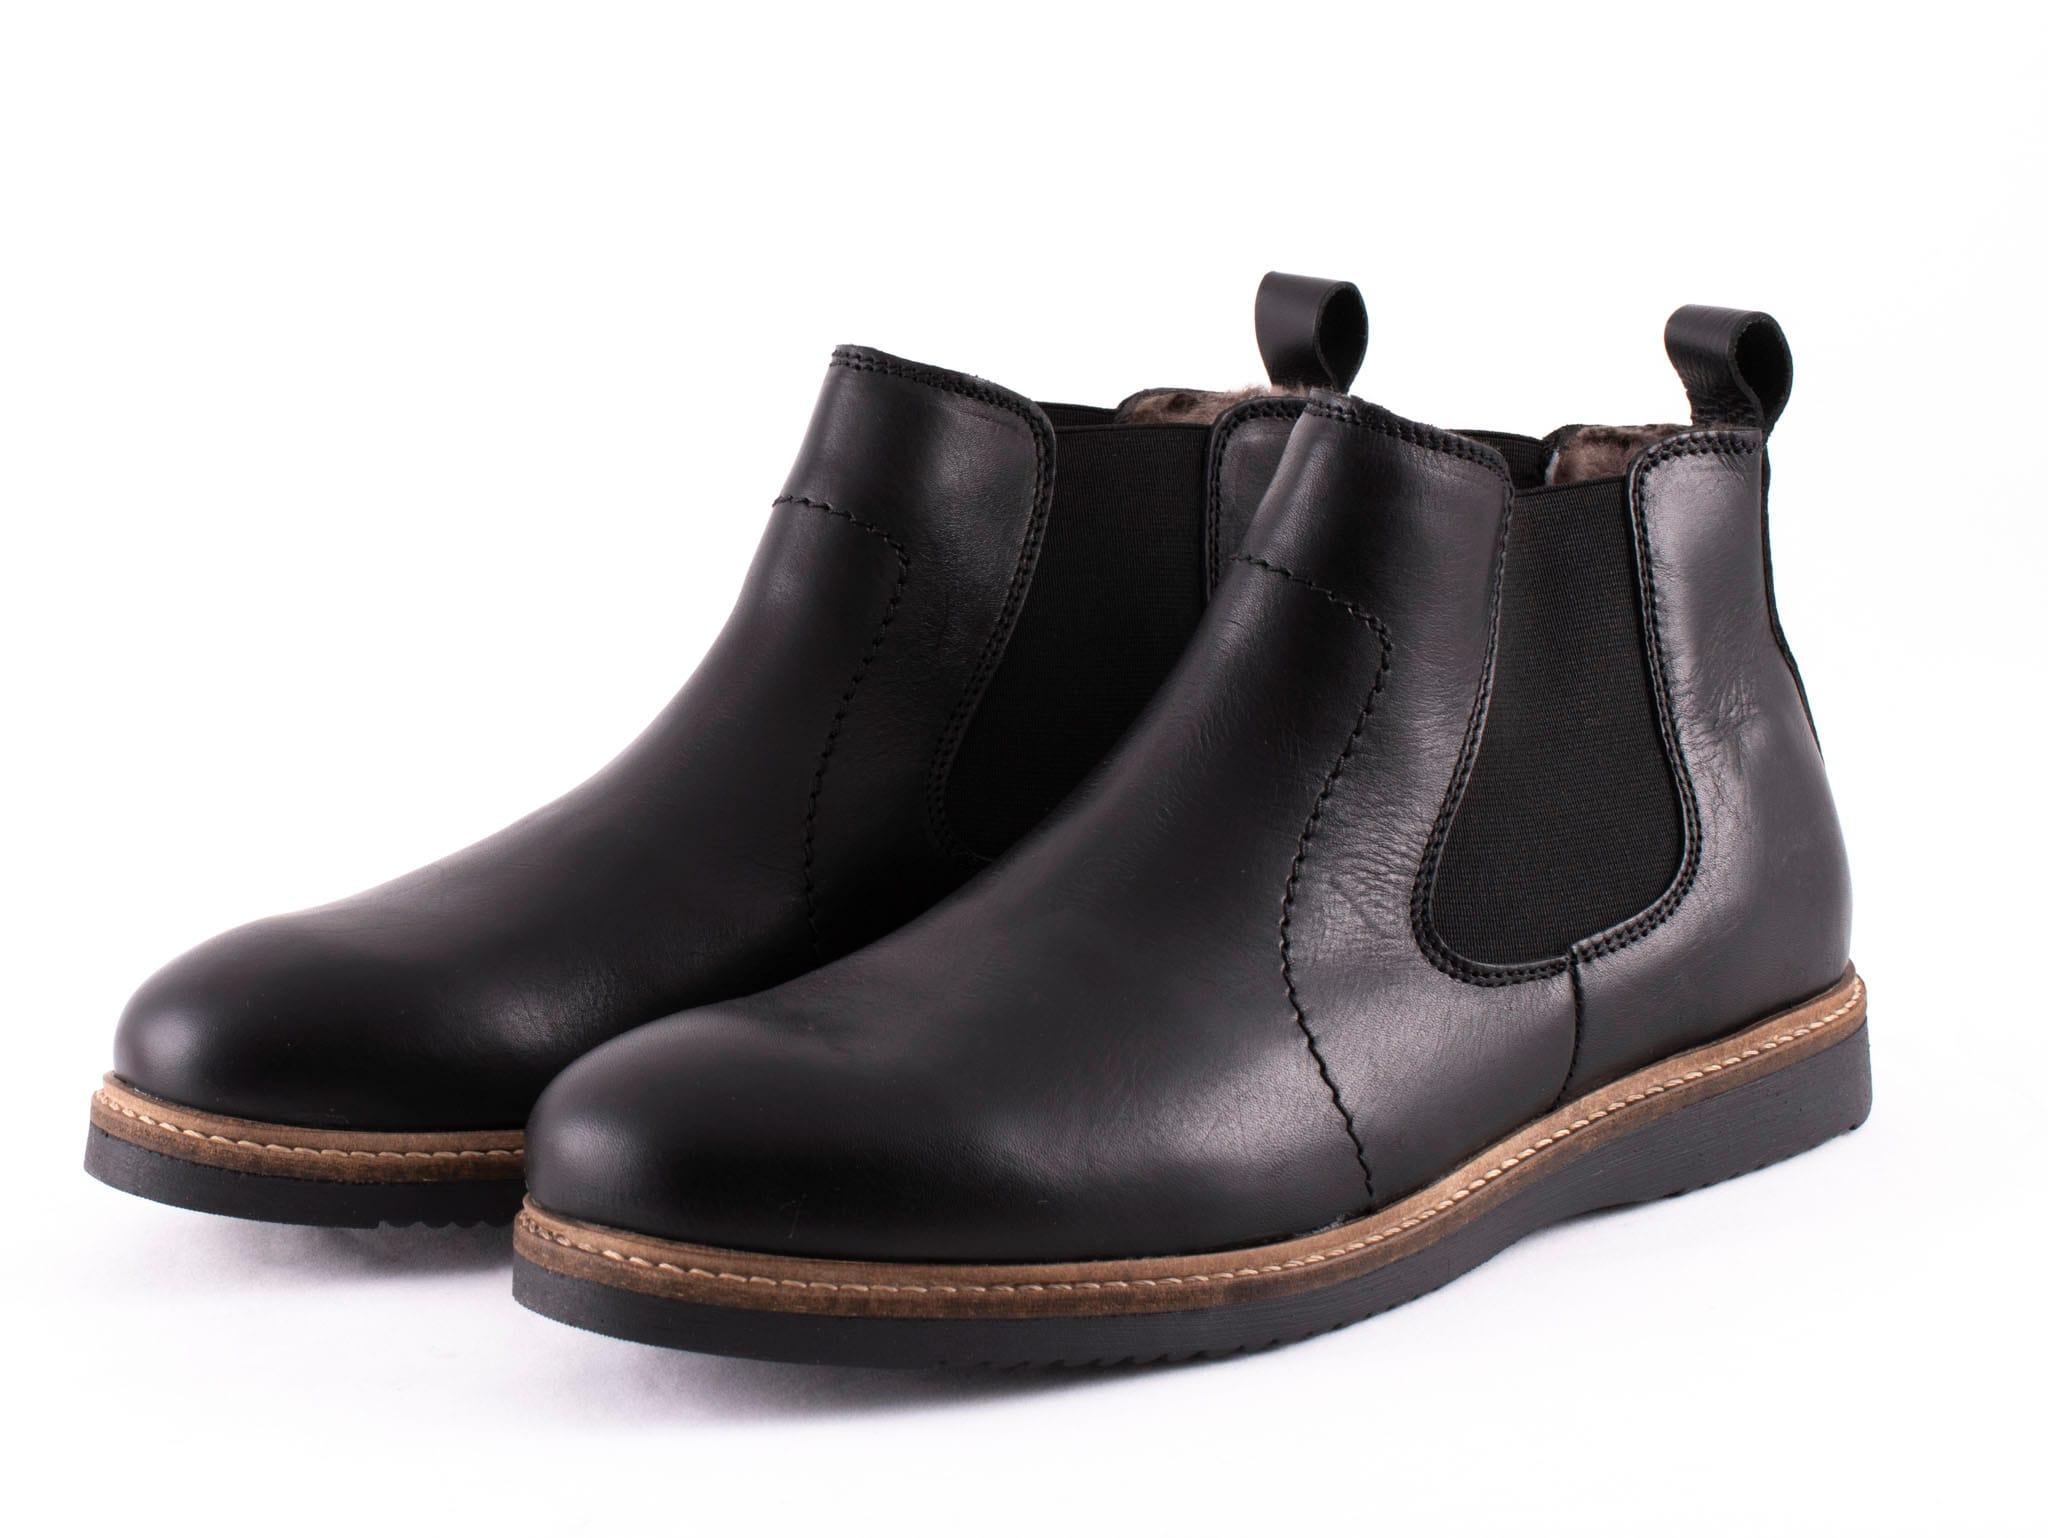 Stefan Chelseaboots